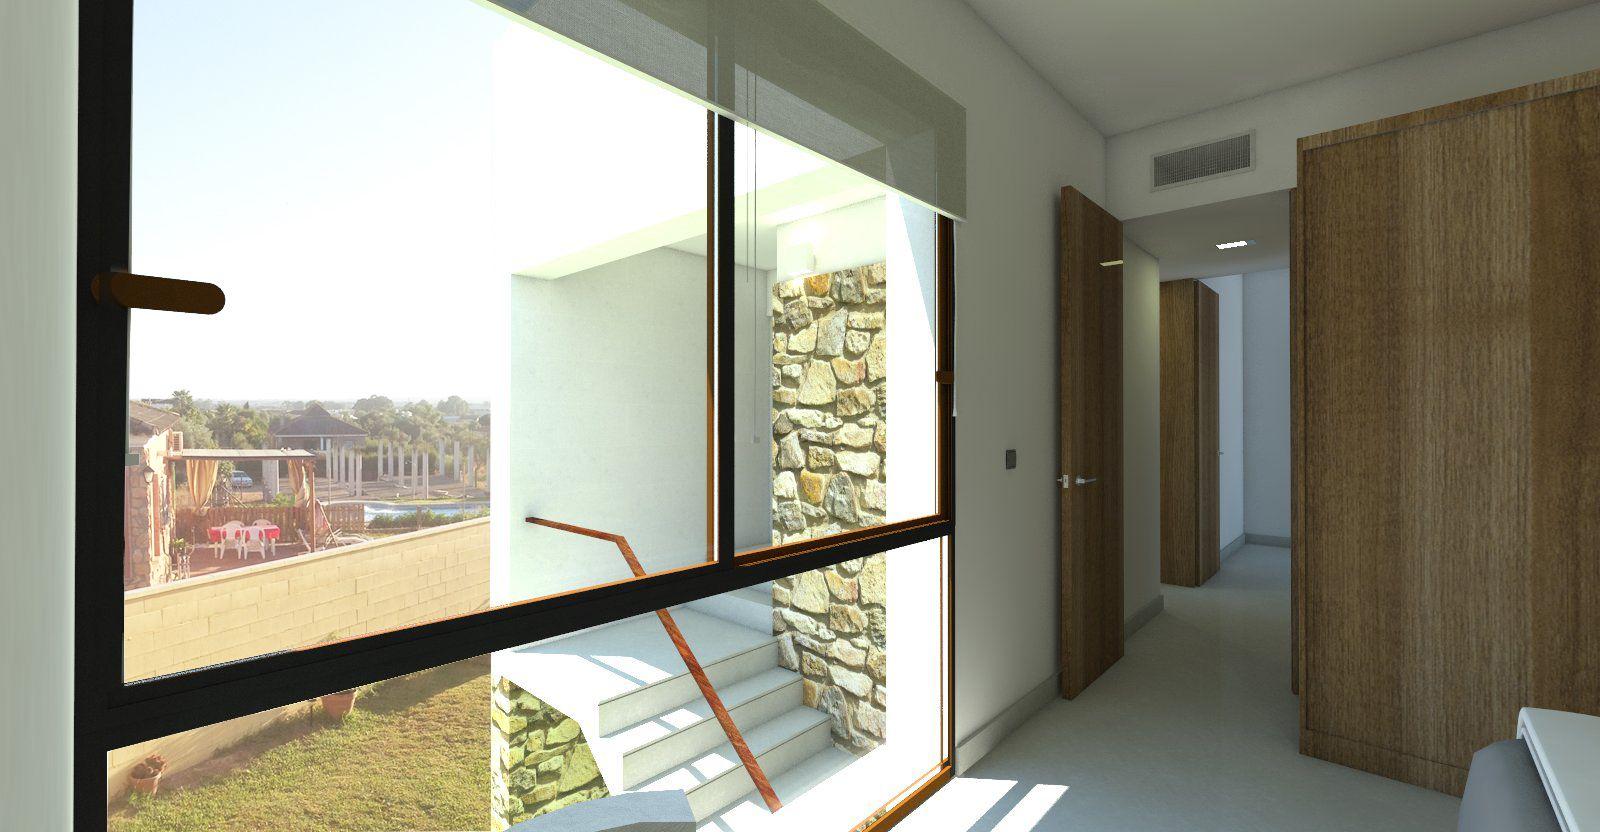 Diseño, proyecto y construcción de vivienda unifamiliar aislada en Dos Hermanas, Sevilla